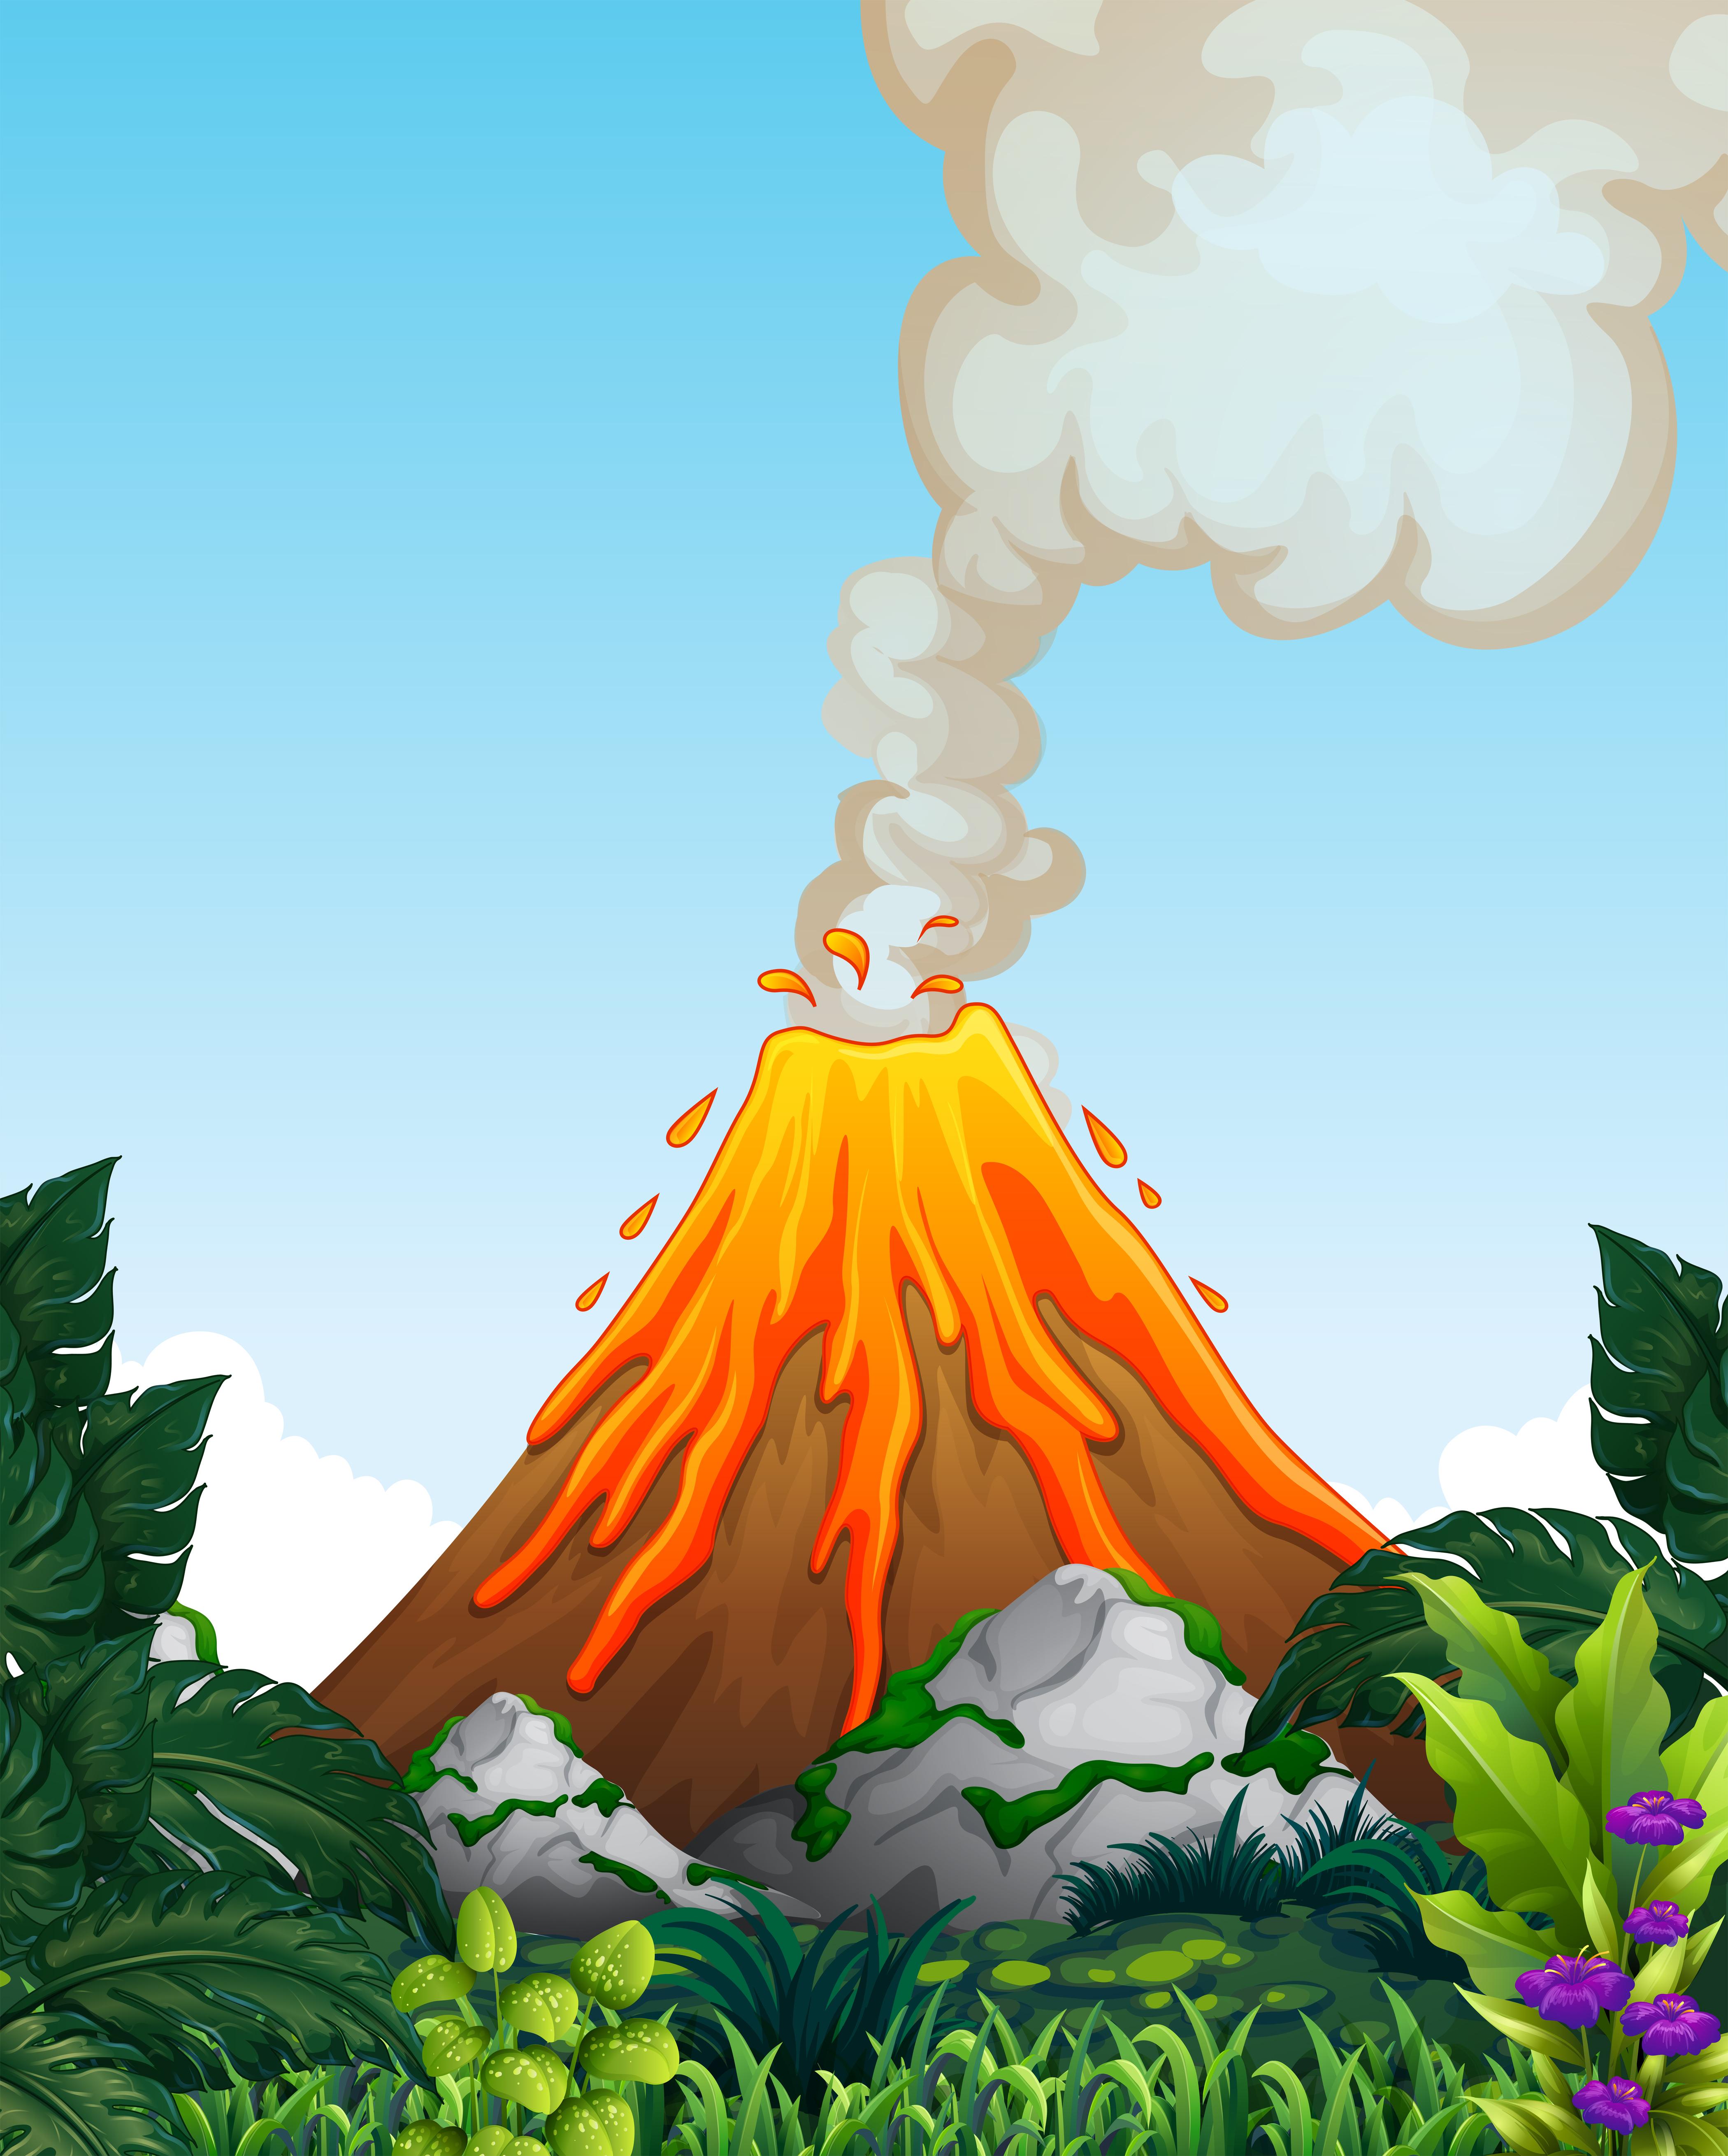 A Dangerous Volcano Eruption